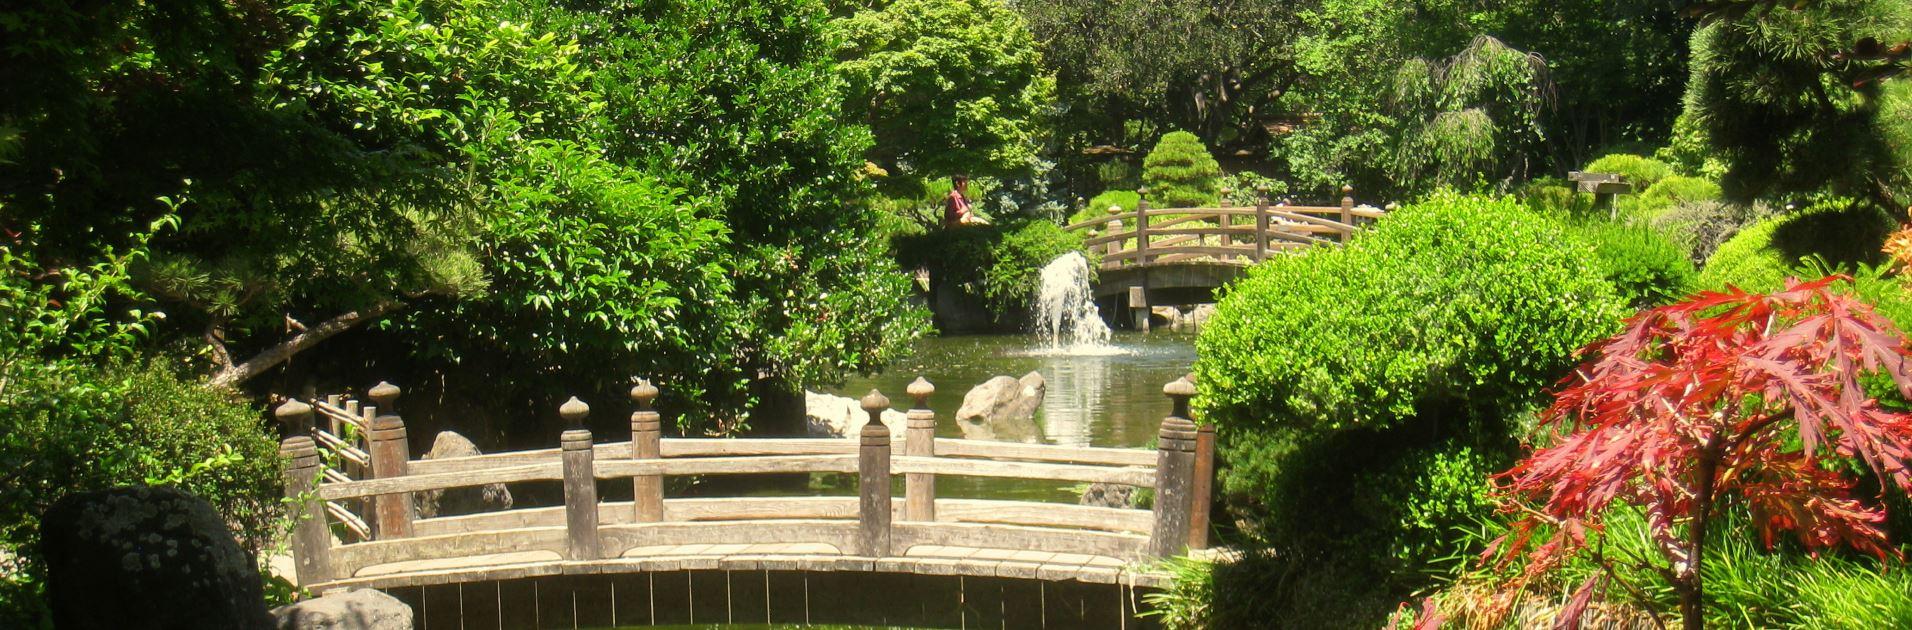 Japanese Garden, San Mateo